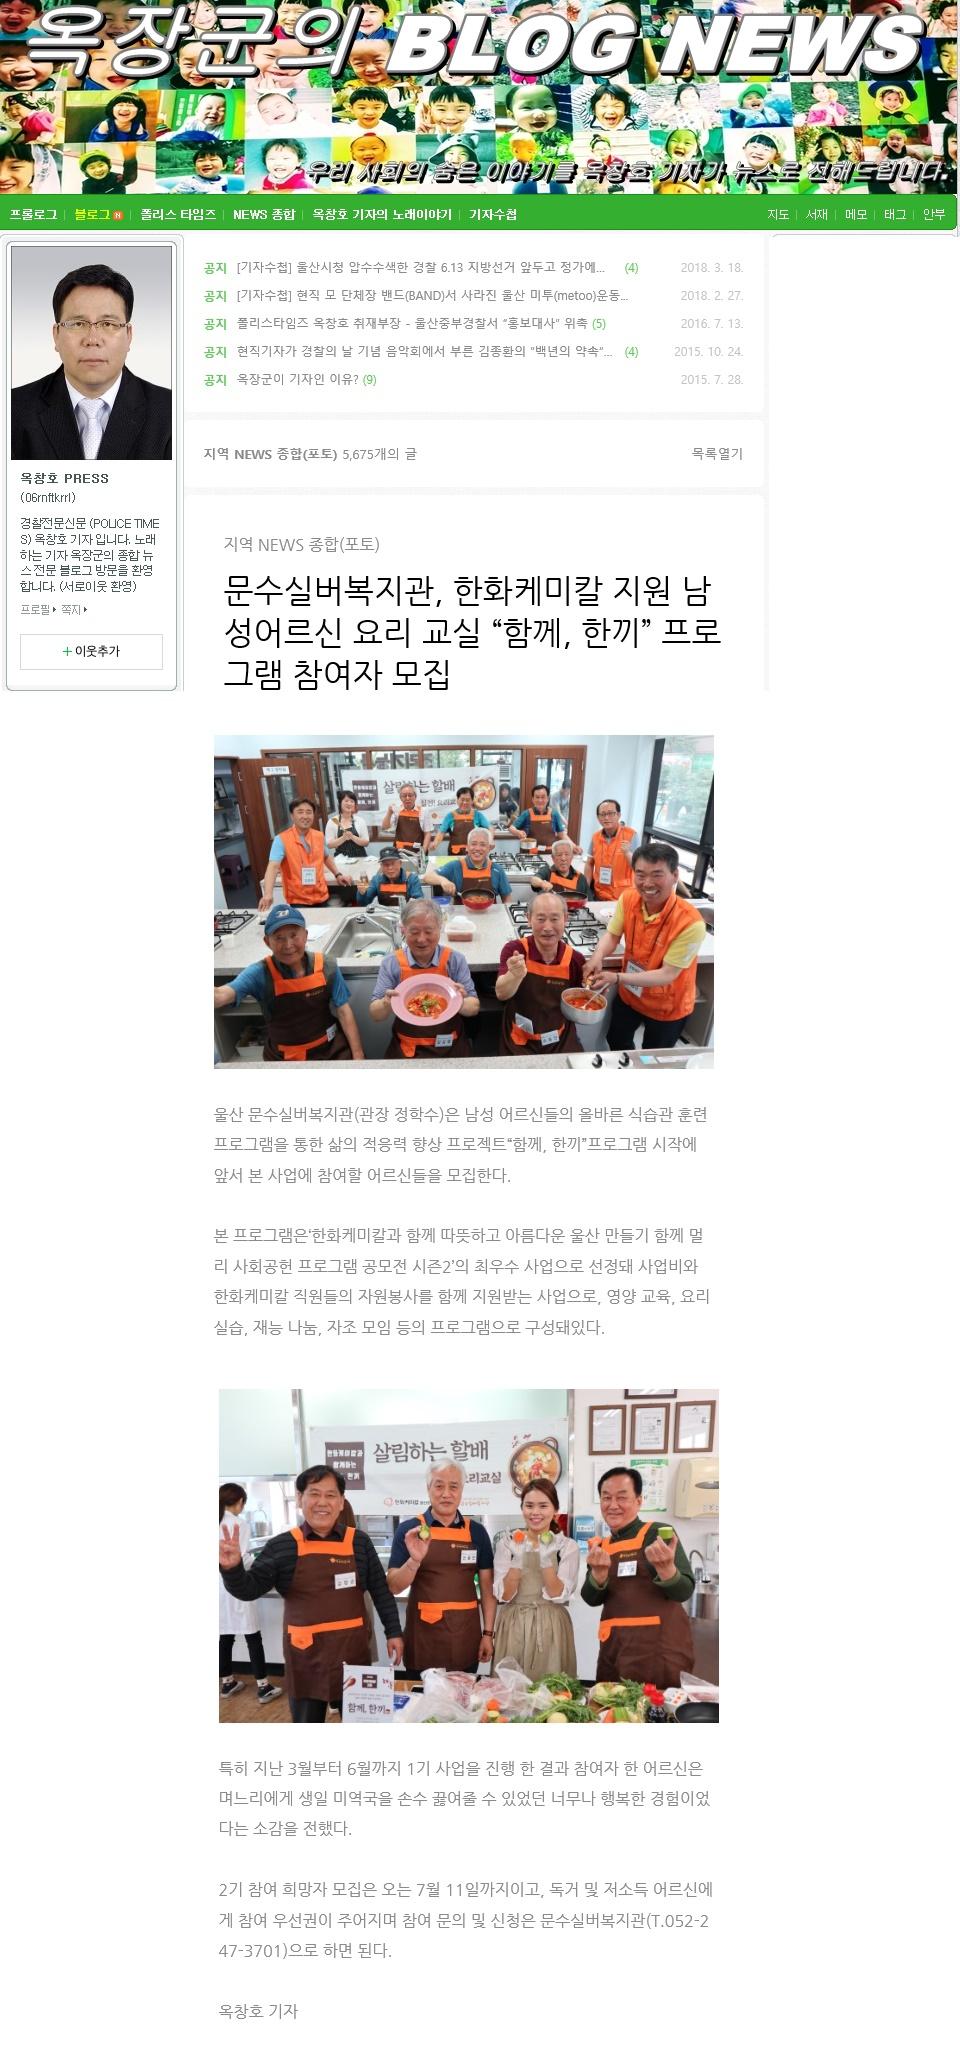 (옥장군의블로그뉴스)남성어르신요리교실 함께한끼 참여자 모집.jpg